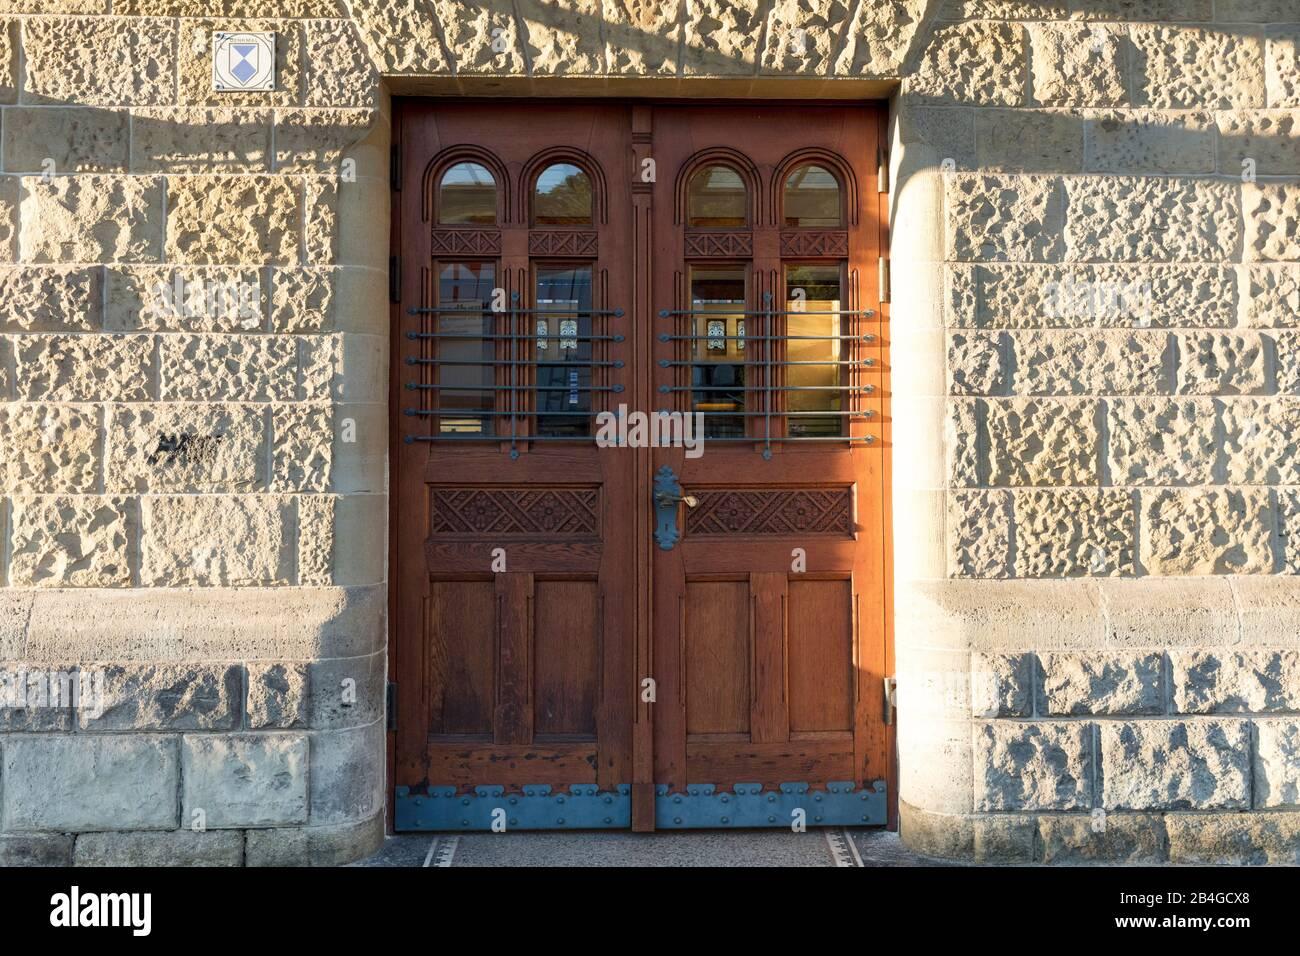 Estación principal, fachada de la casa, vista de la ciudad, histórico, Eisenach, Turingia, Alemania, Europa, Foto de stock